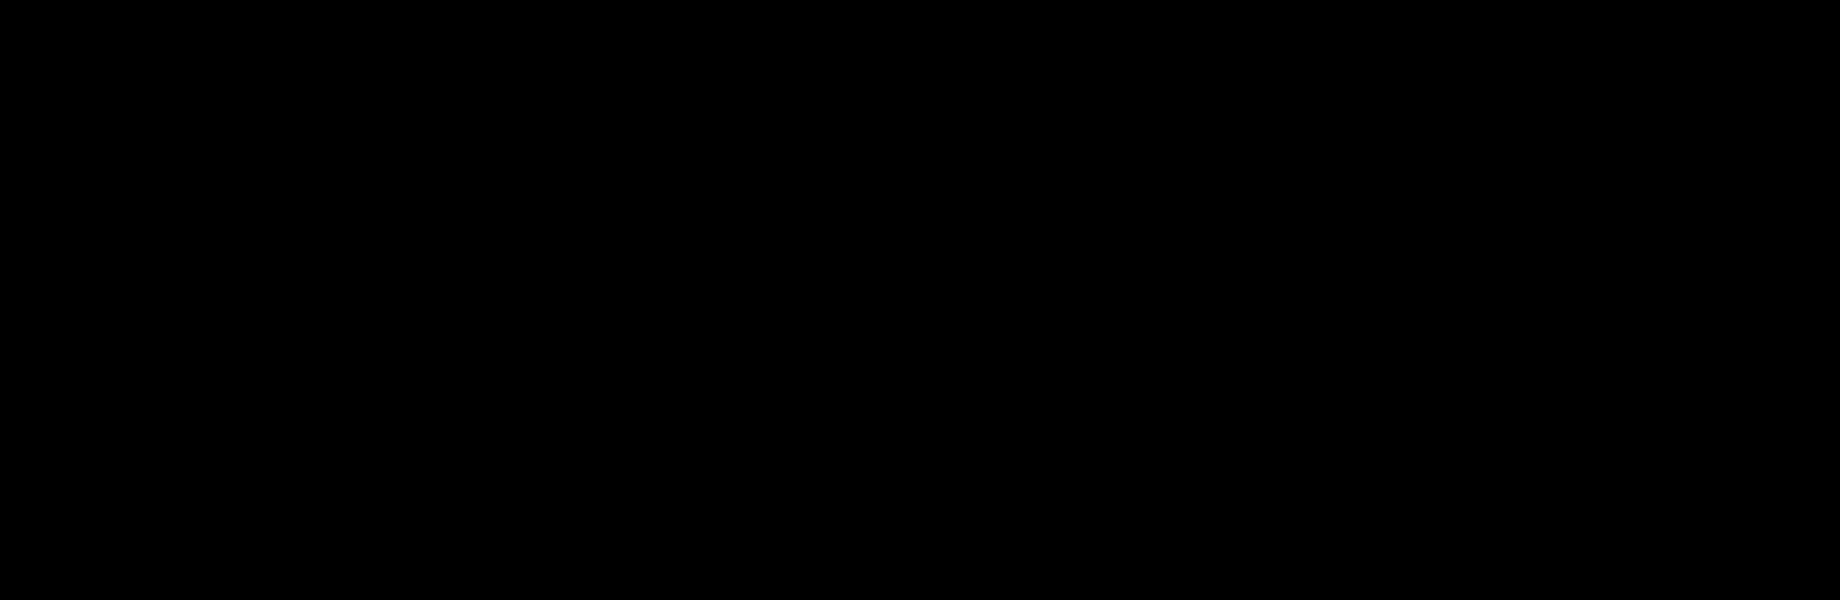 Bat Quai 01